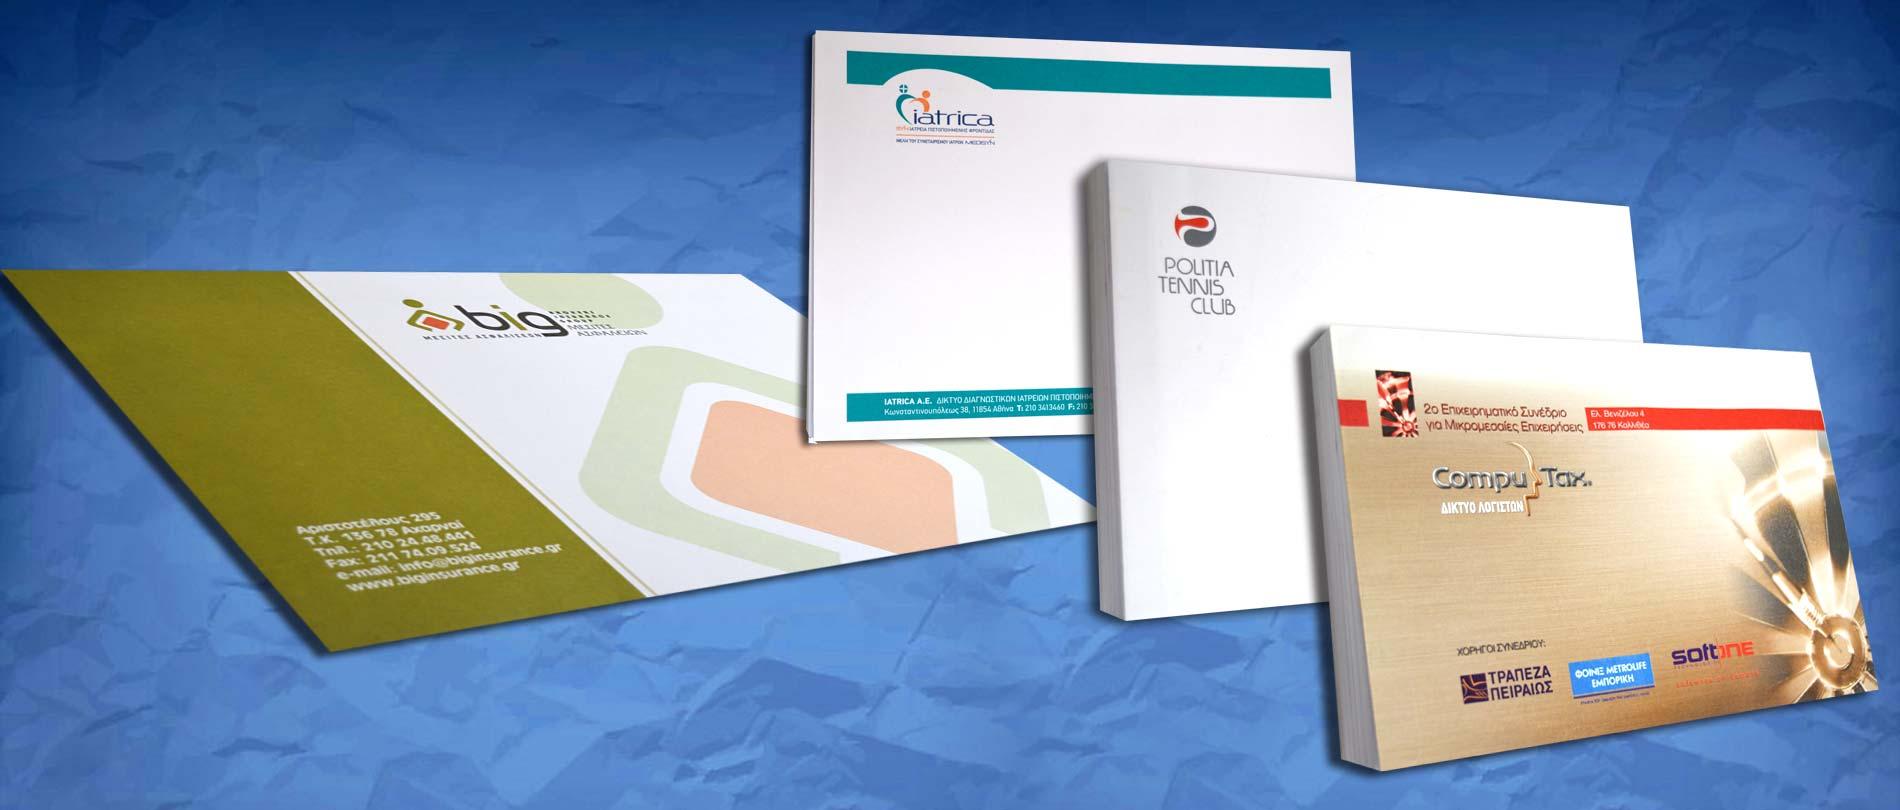 διάφοροι φάκελοι με εκτύπωση σε όλο το φάκελο